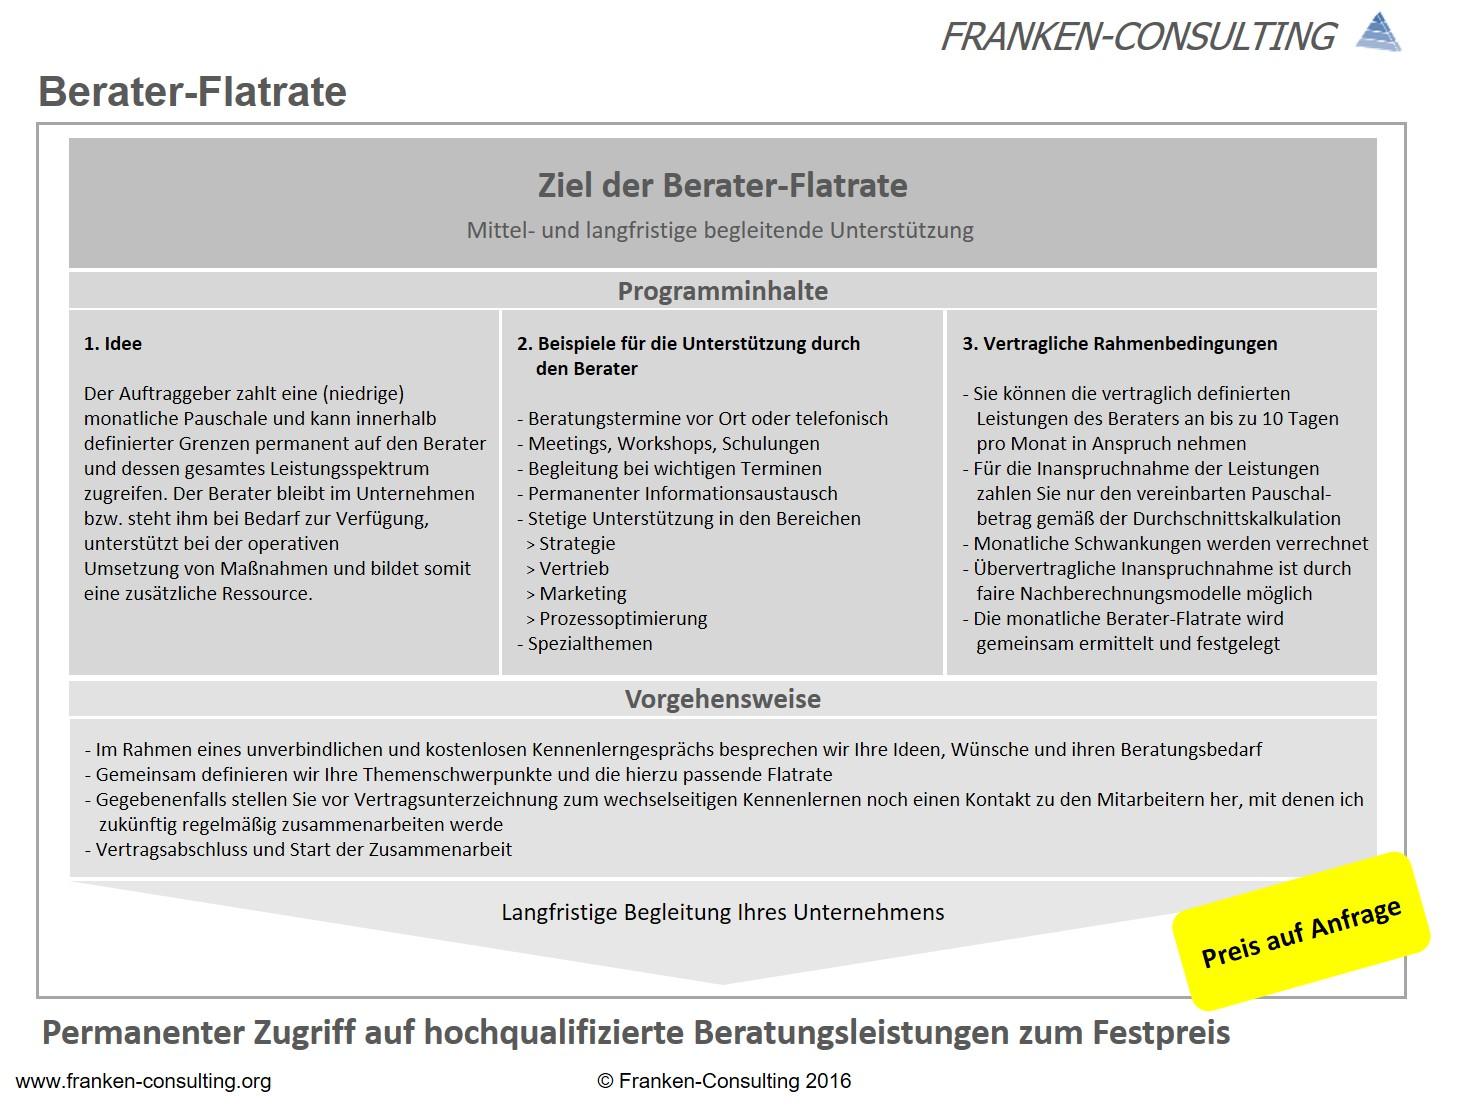 Unternehmensberatung Berater Flatrate - FRANKEN-CONSULTING ...